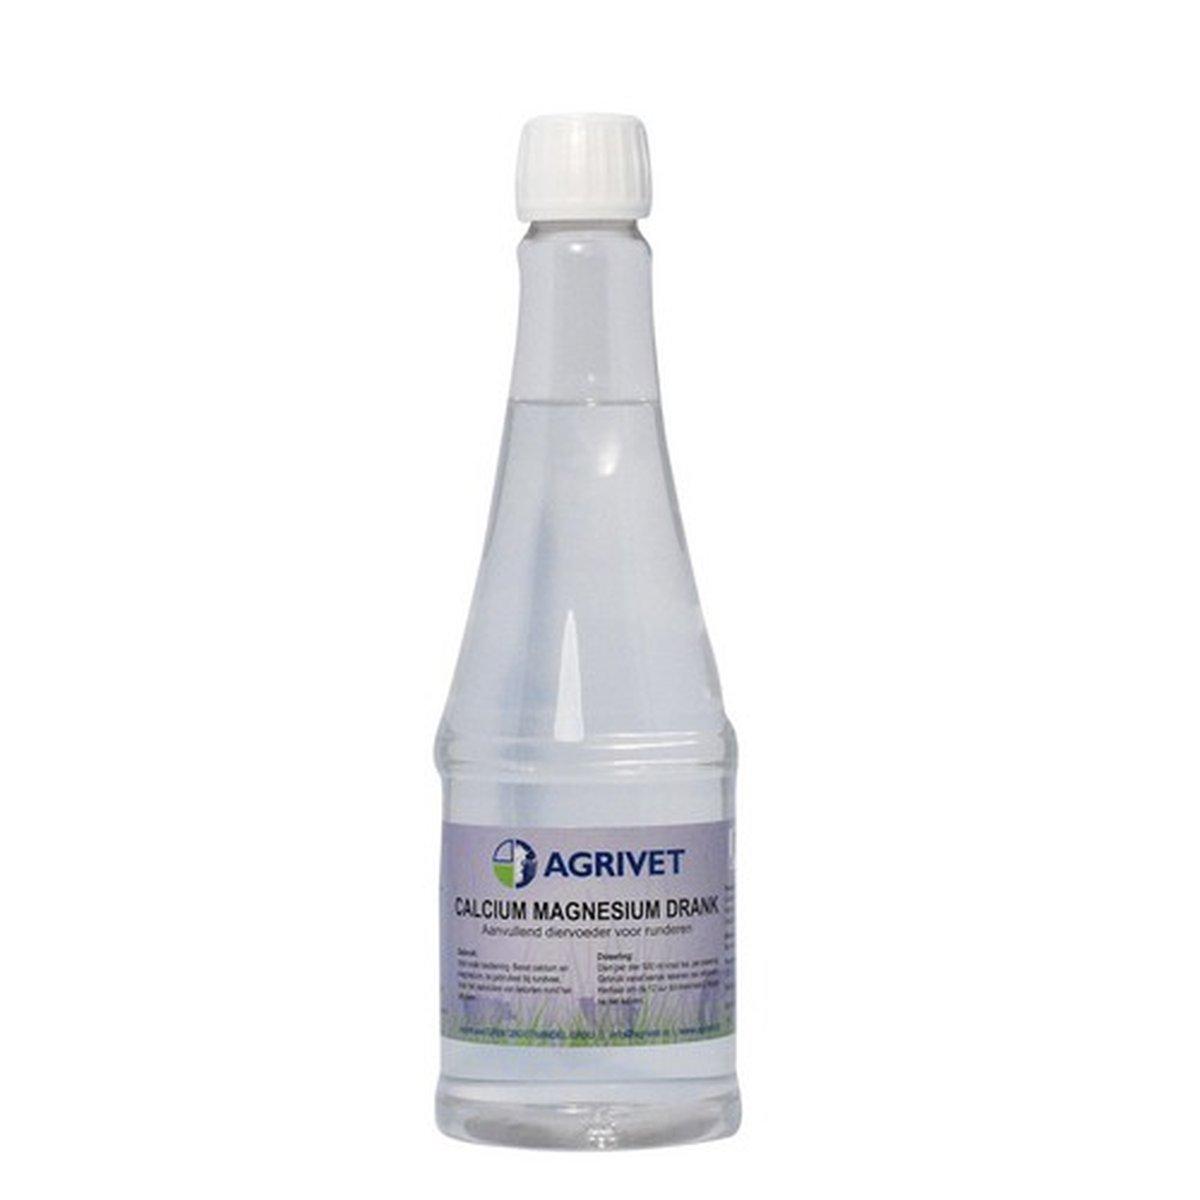 Afbeelding van Calcium magnesium Drank Agrivet 500ml